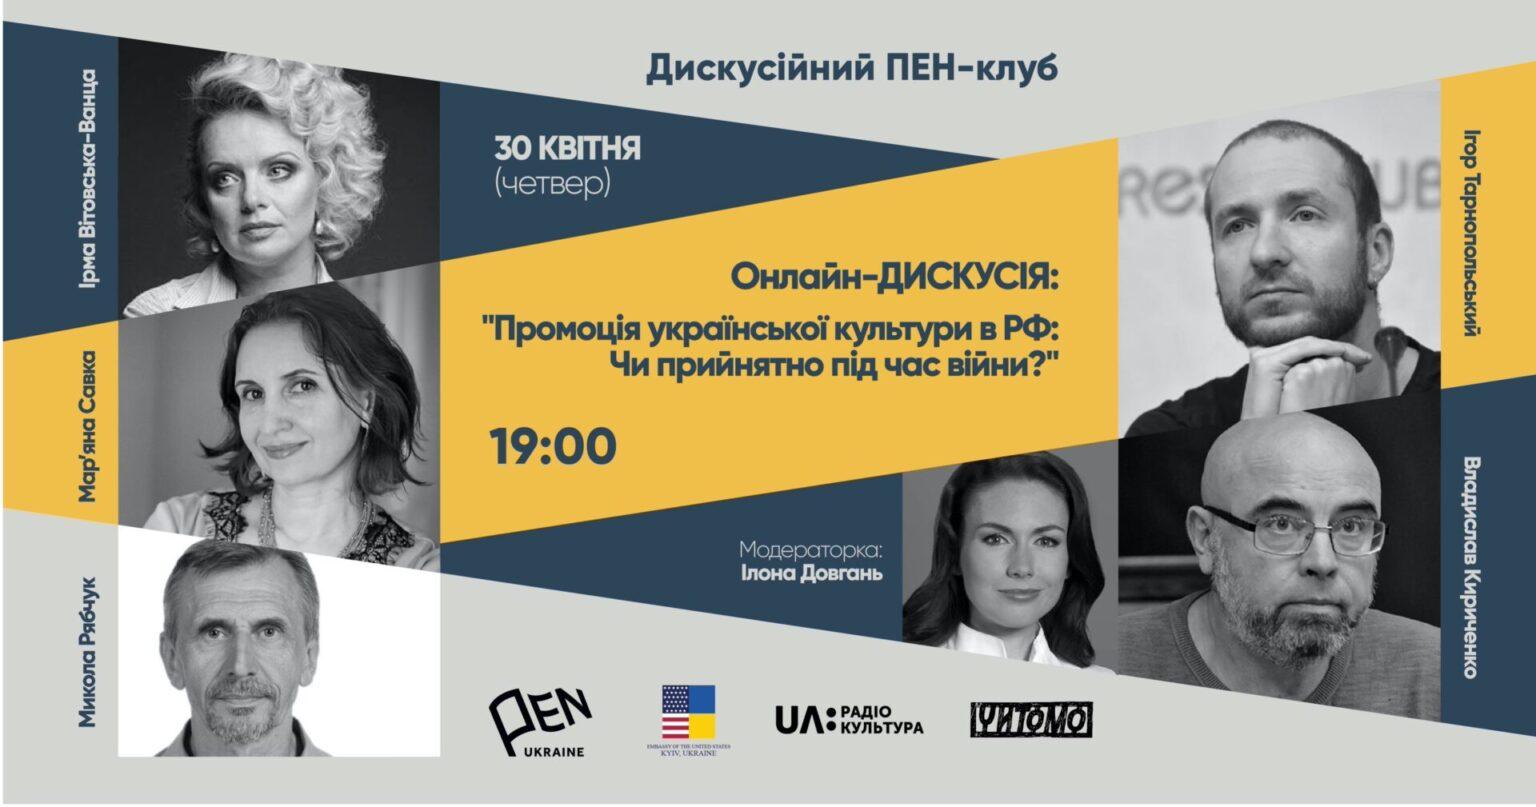 Промоція української культури в РФ